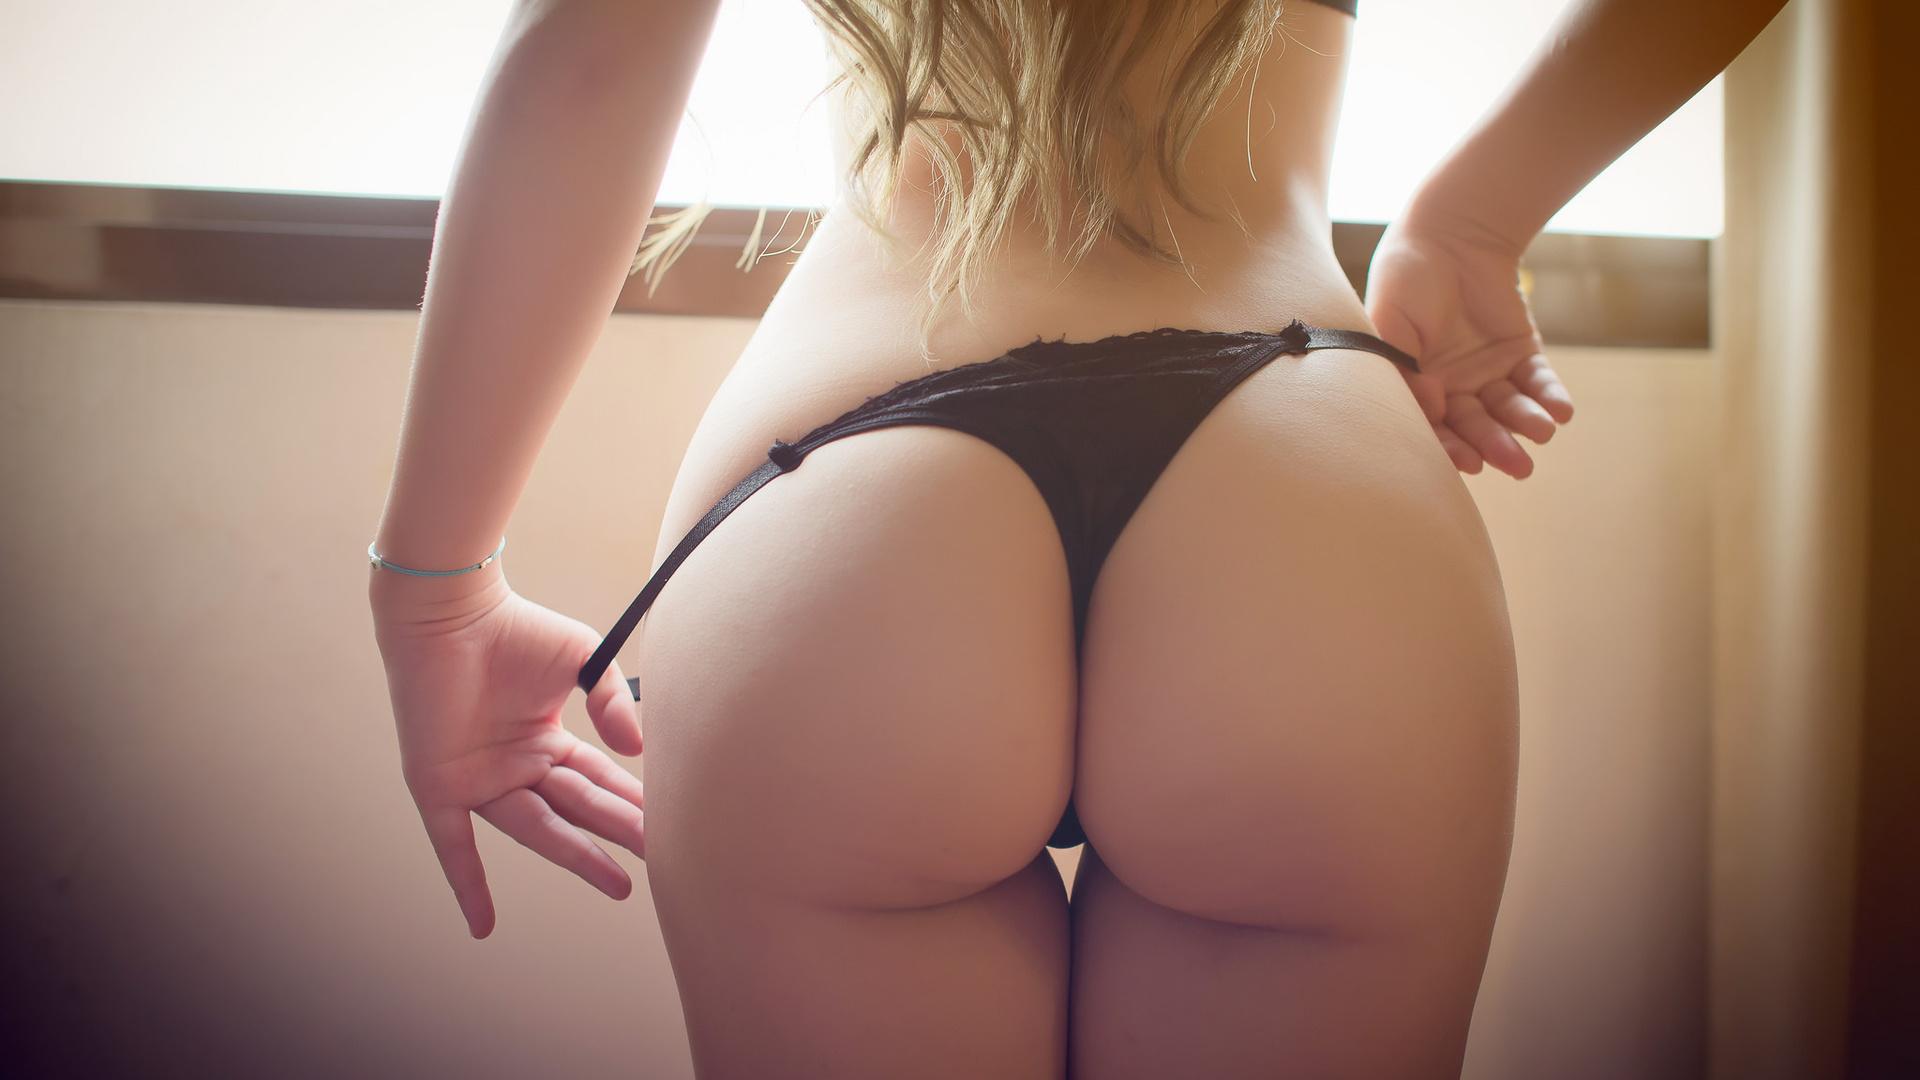 Фото девчачьи попки, Красивые женские попки на частных фото частное порно 1 фотография